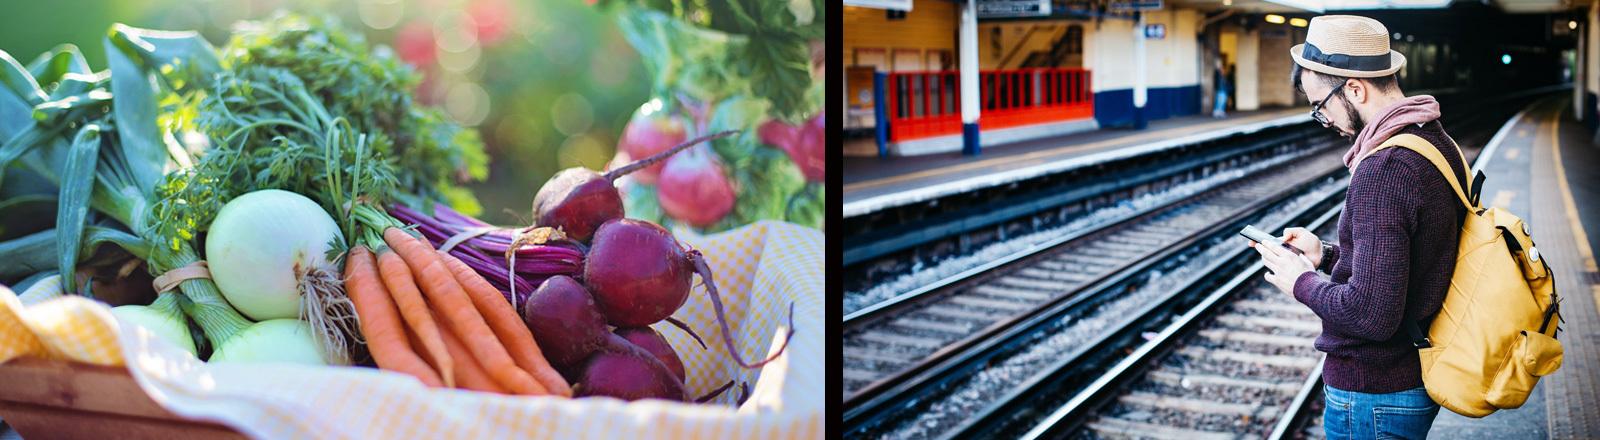 Gemüse und ein Mann, der am Bahnsteig steht und auf sein Handy schaut.